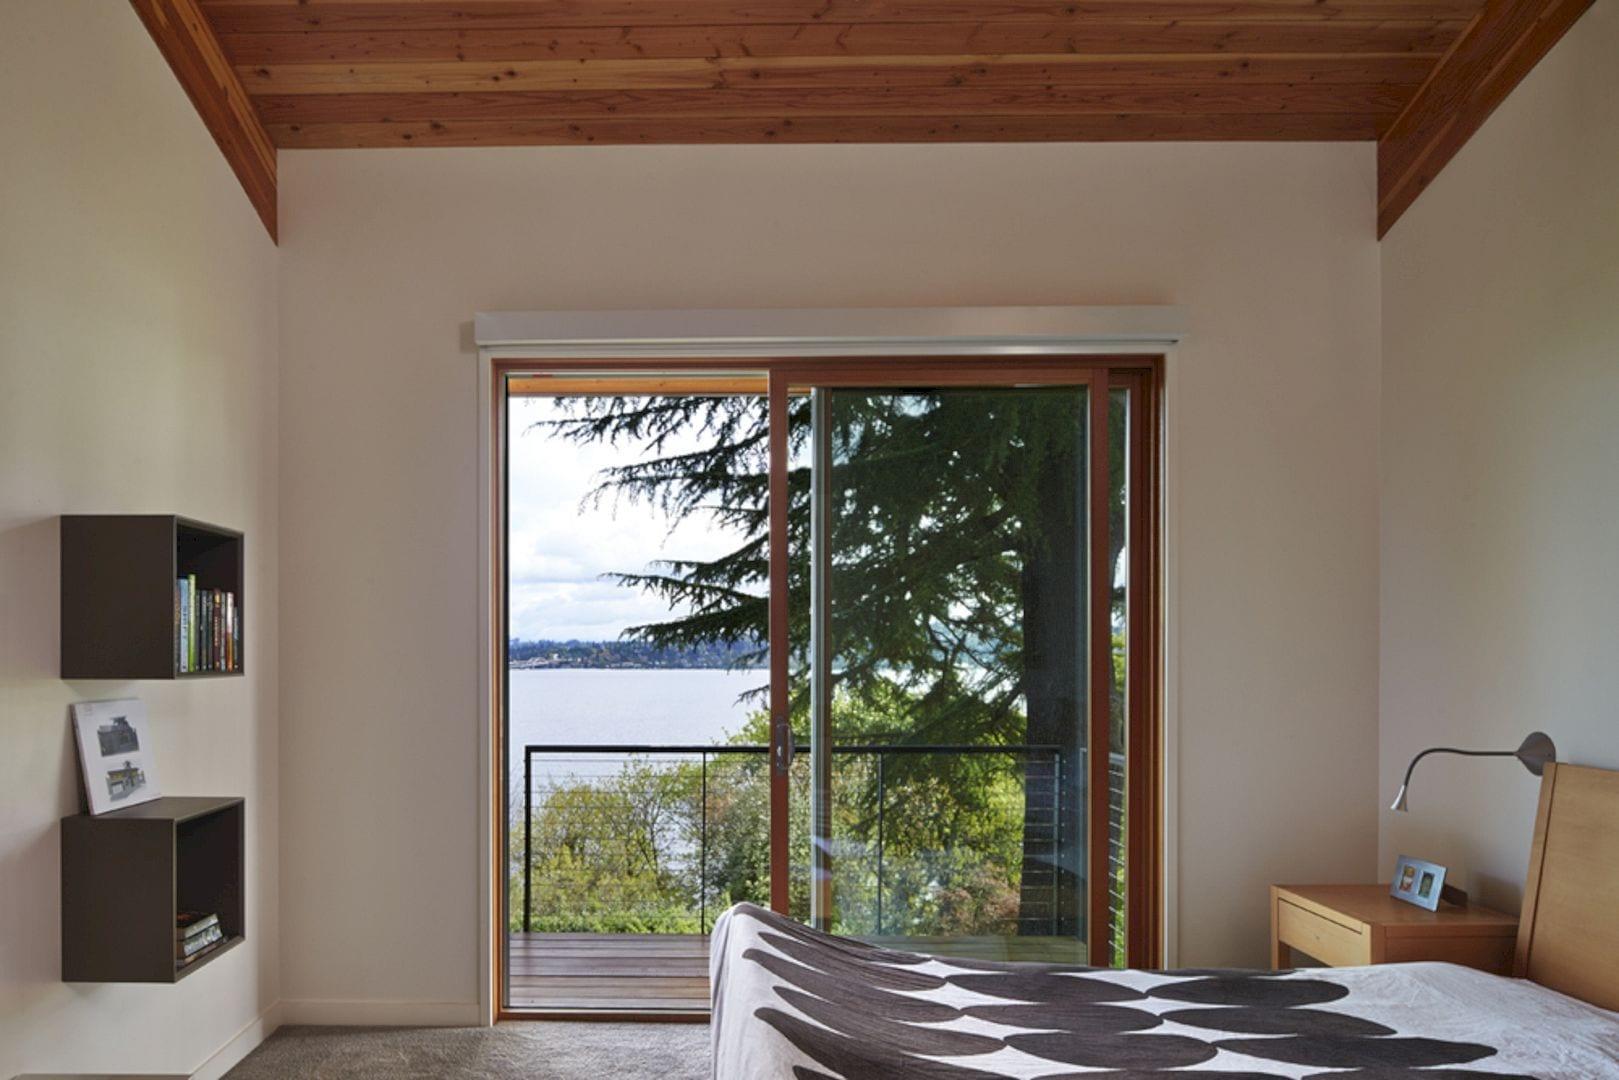 Cascadia By Prentiss Balance Wickline Architects 4